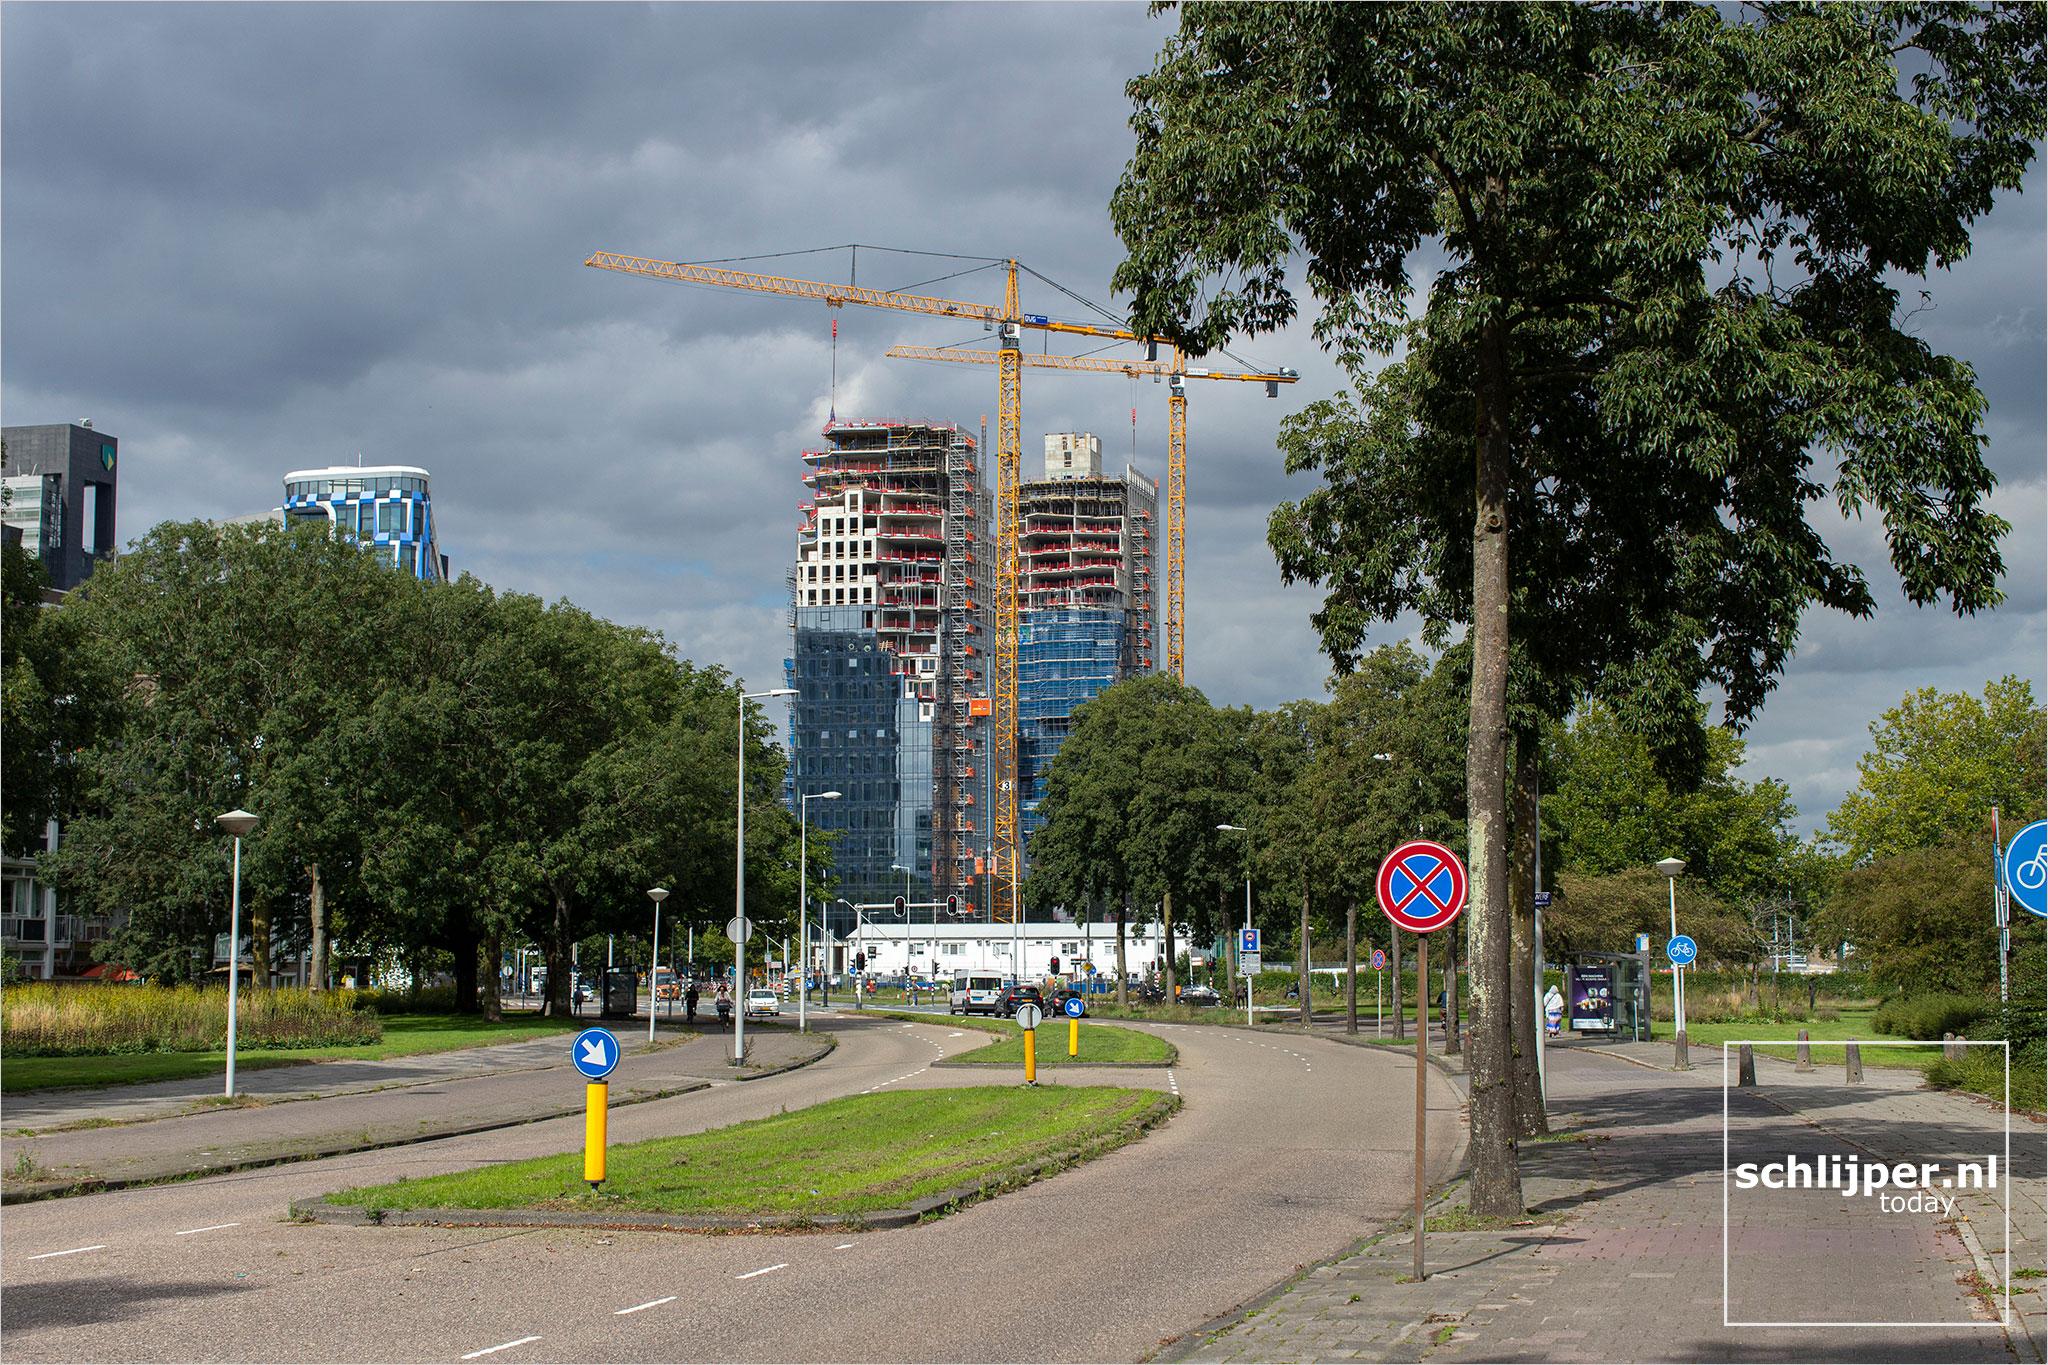 Nederland, Amsterdam, 10 september 2020